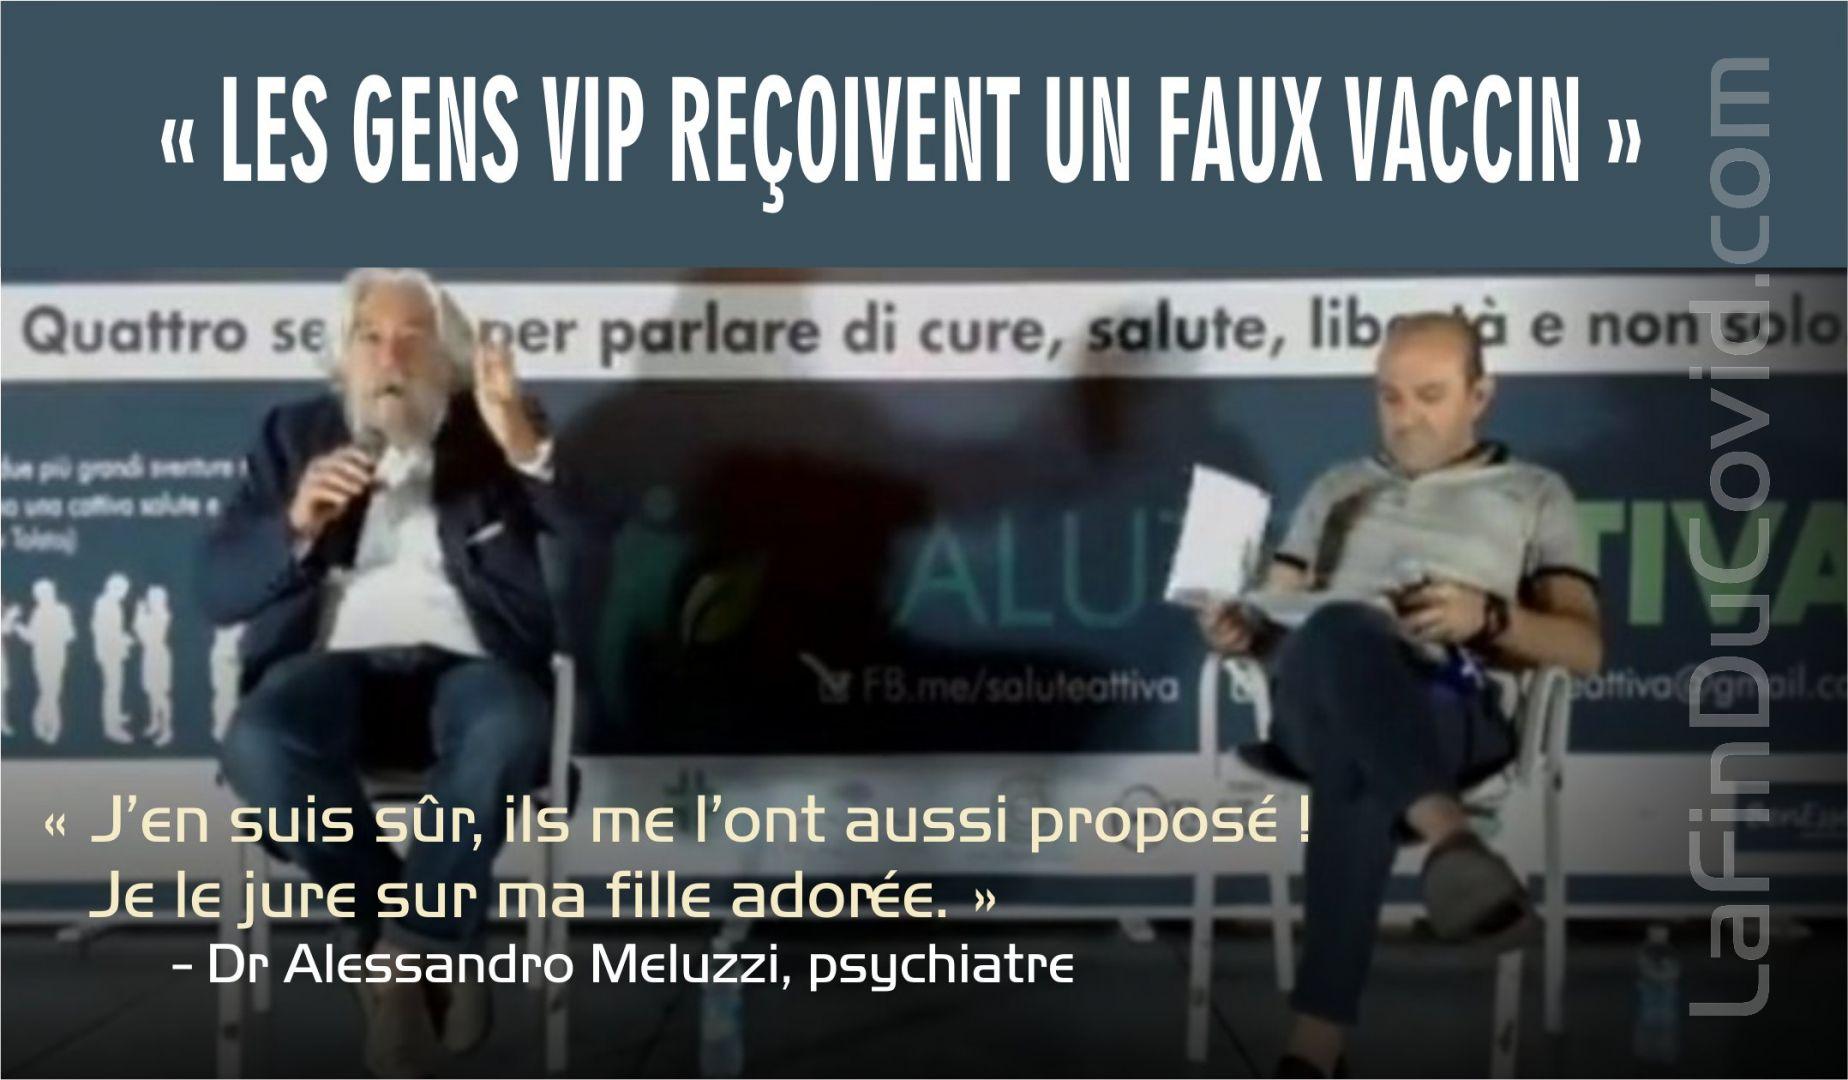 Dr. A. Meluzzi: Les VIP reçoivent de « faux vaccins », je le jure sur la tête de ma fille !